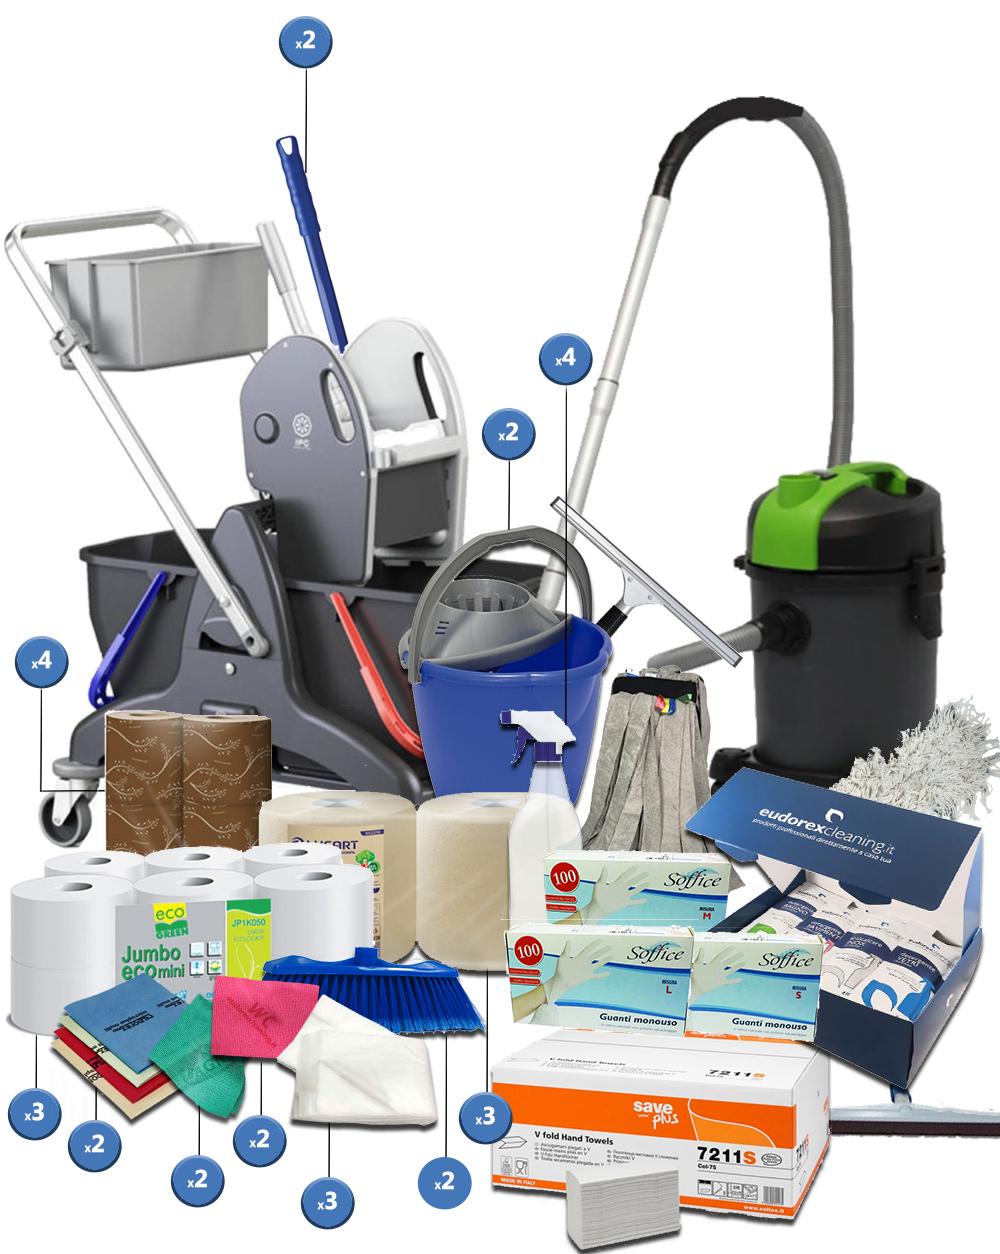 <span class='p-name'>Kit completo imprese pulizie con carrello doppia vasca e aspirapolvere &#8211; 40 prodotti</span>